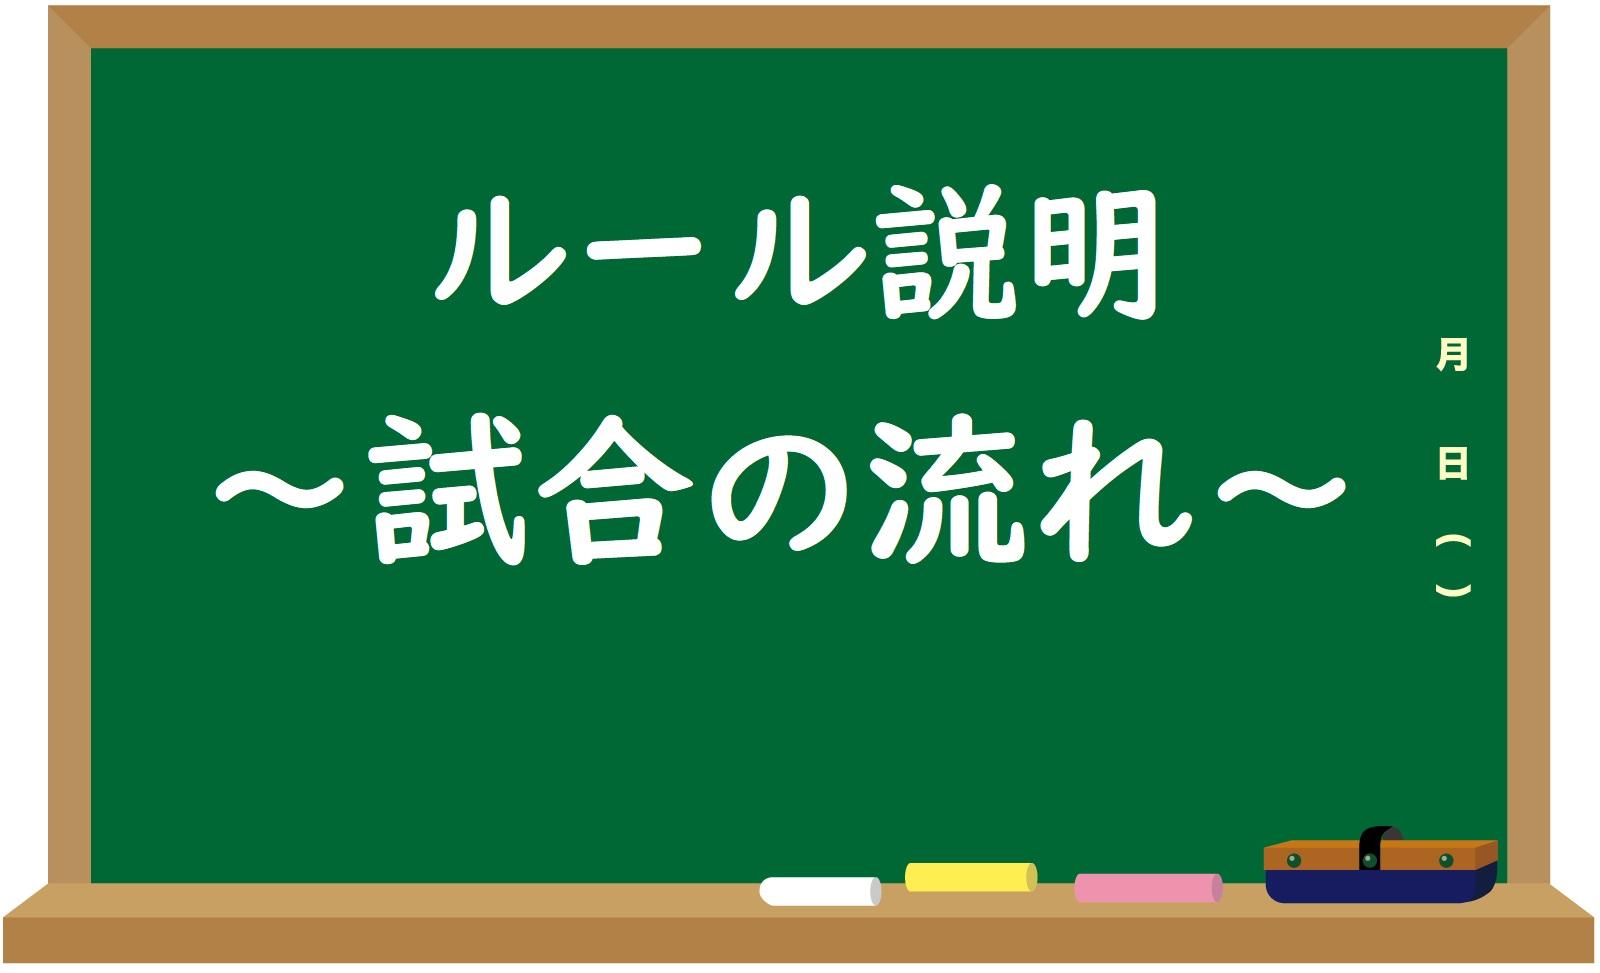 【ルール解説】攻守交代のタイミングは??~試合の流れ~